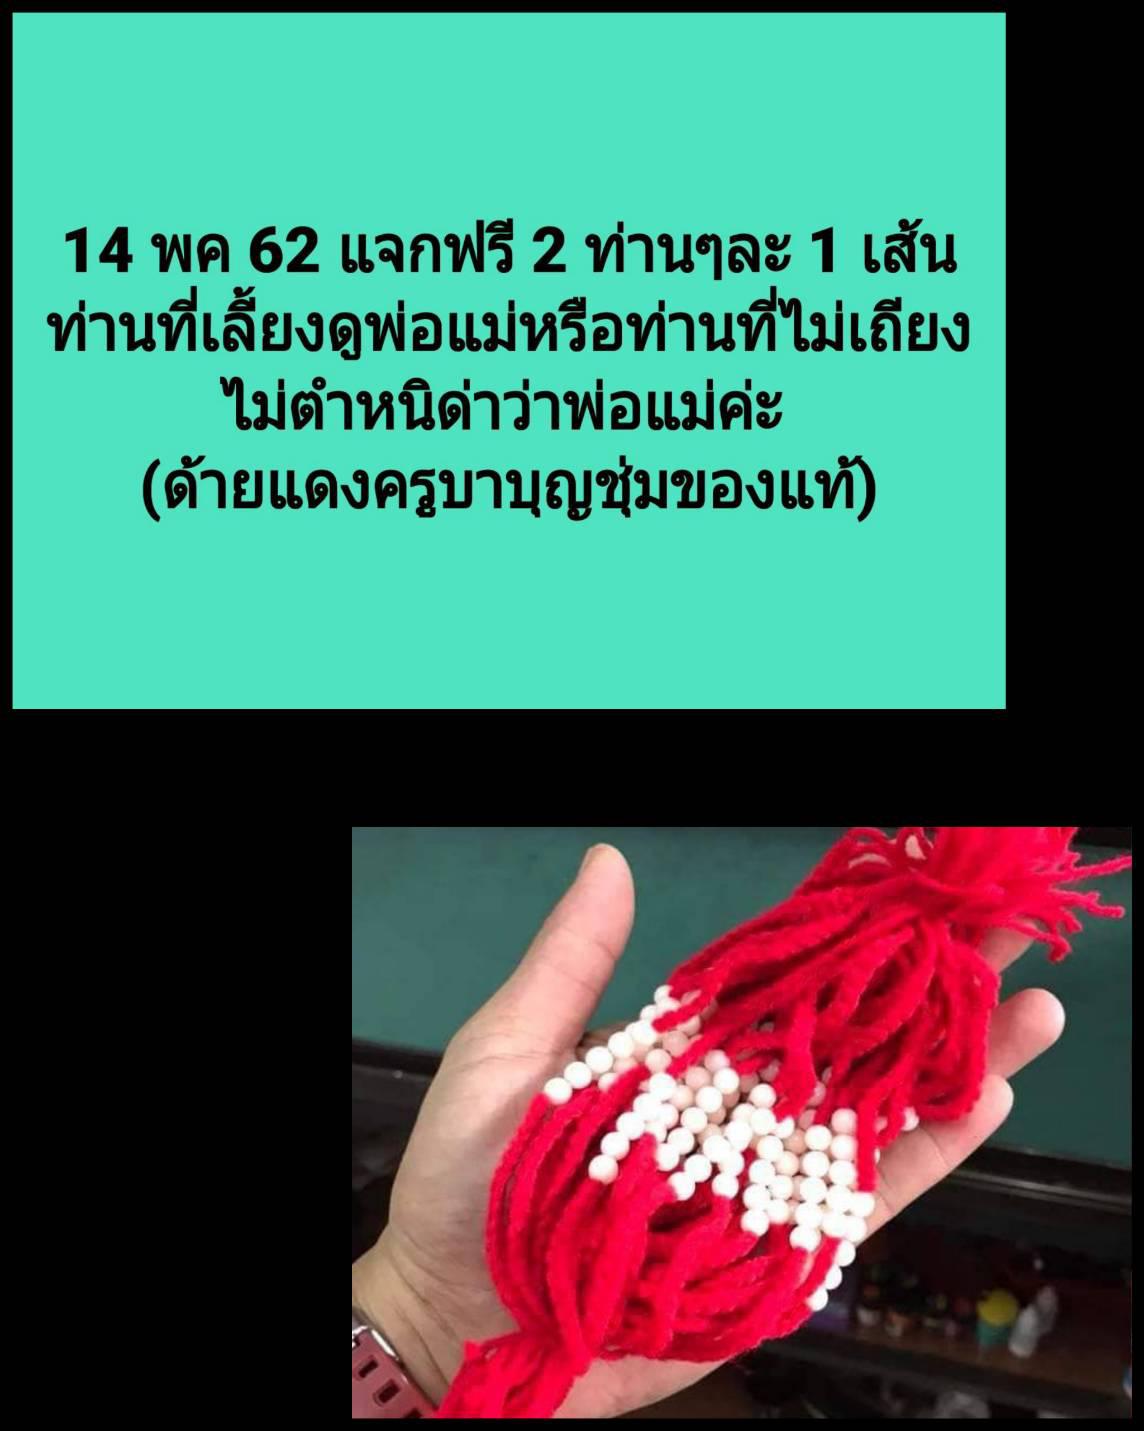 upload_2019-5-14_11-23-25.png